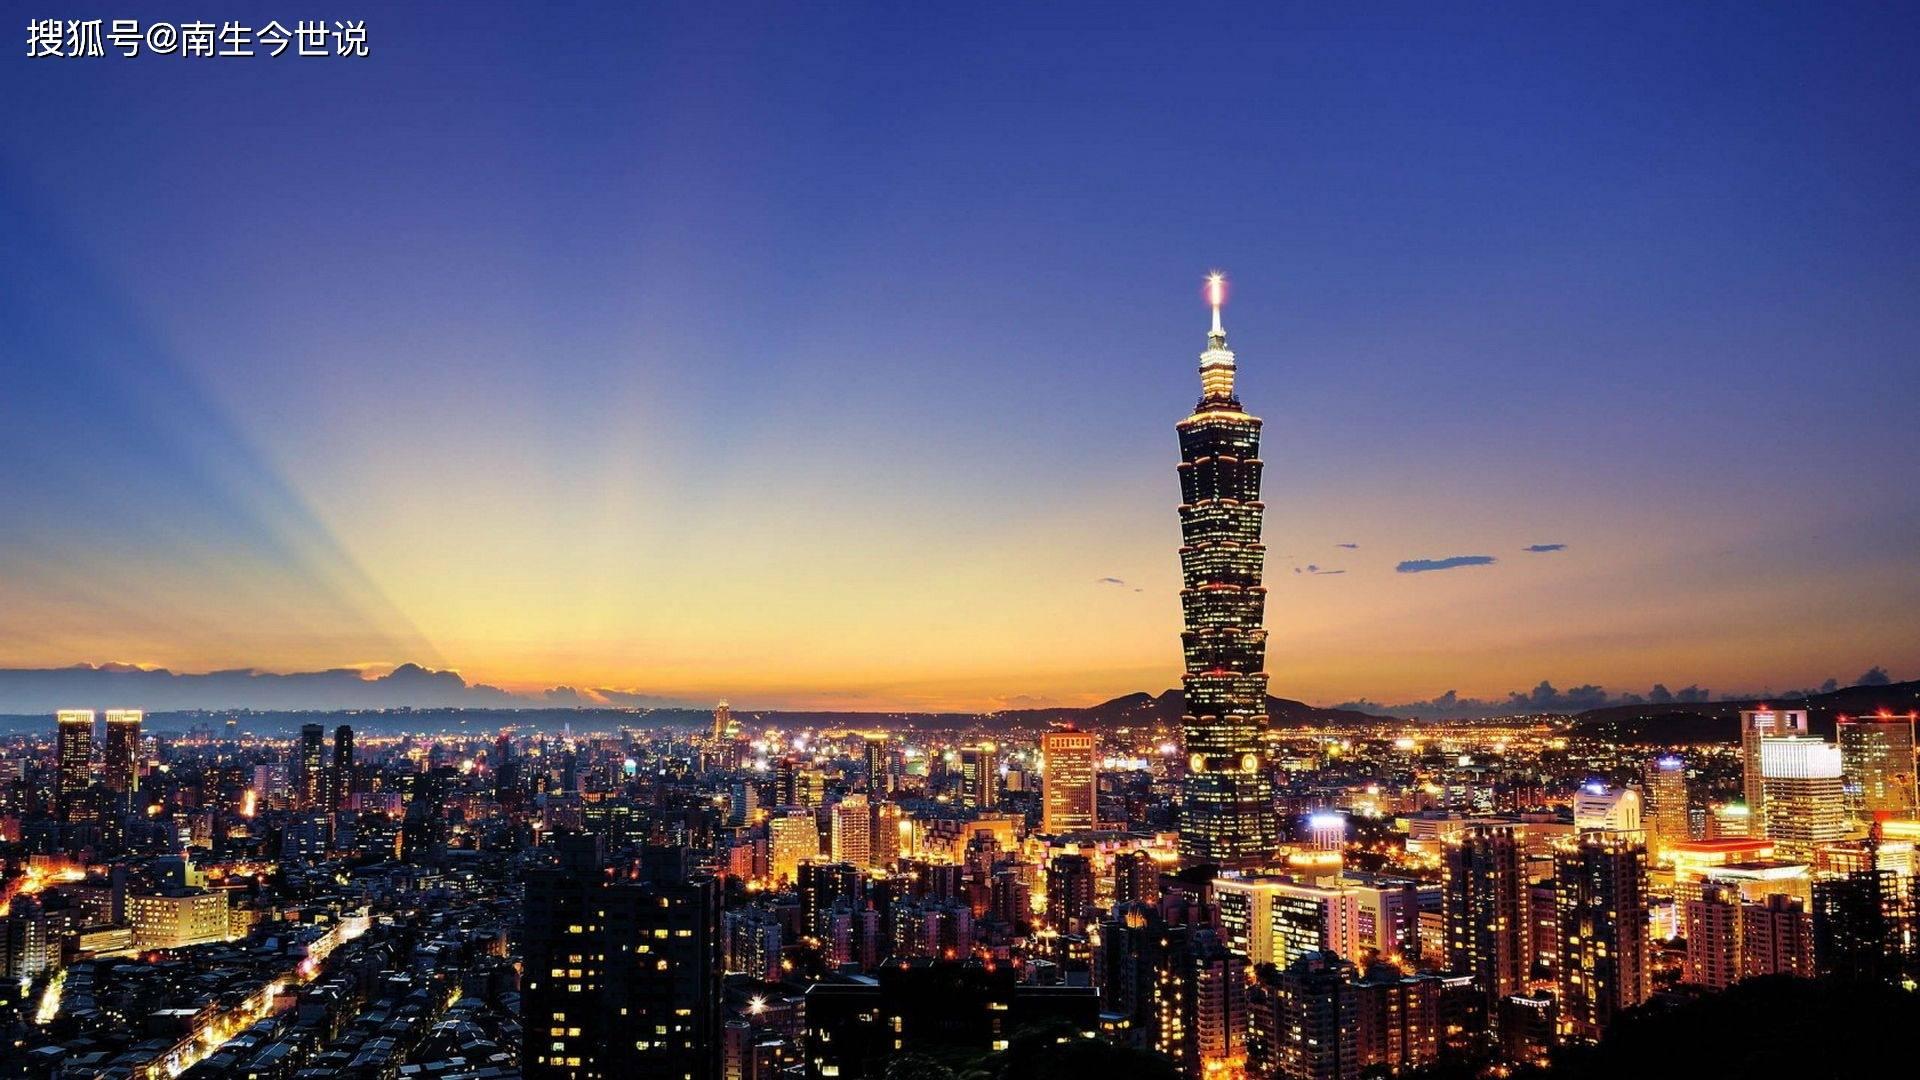 台湾gdp增长_5月台湾房产交易量创新高GDP也上涨8.2%经济进入全面复苏